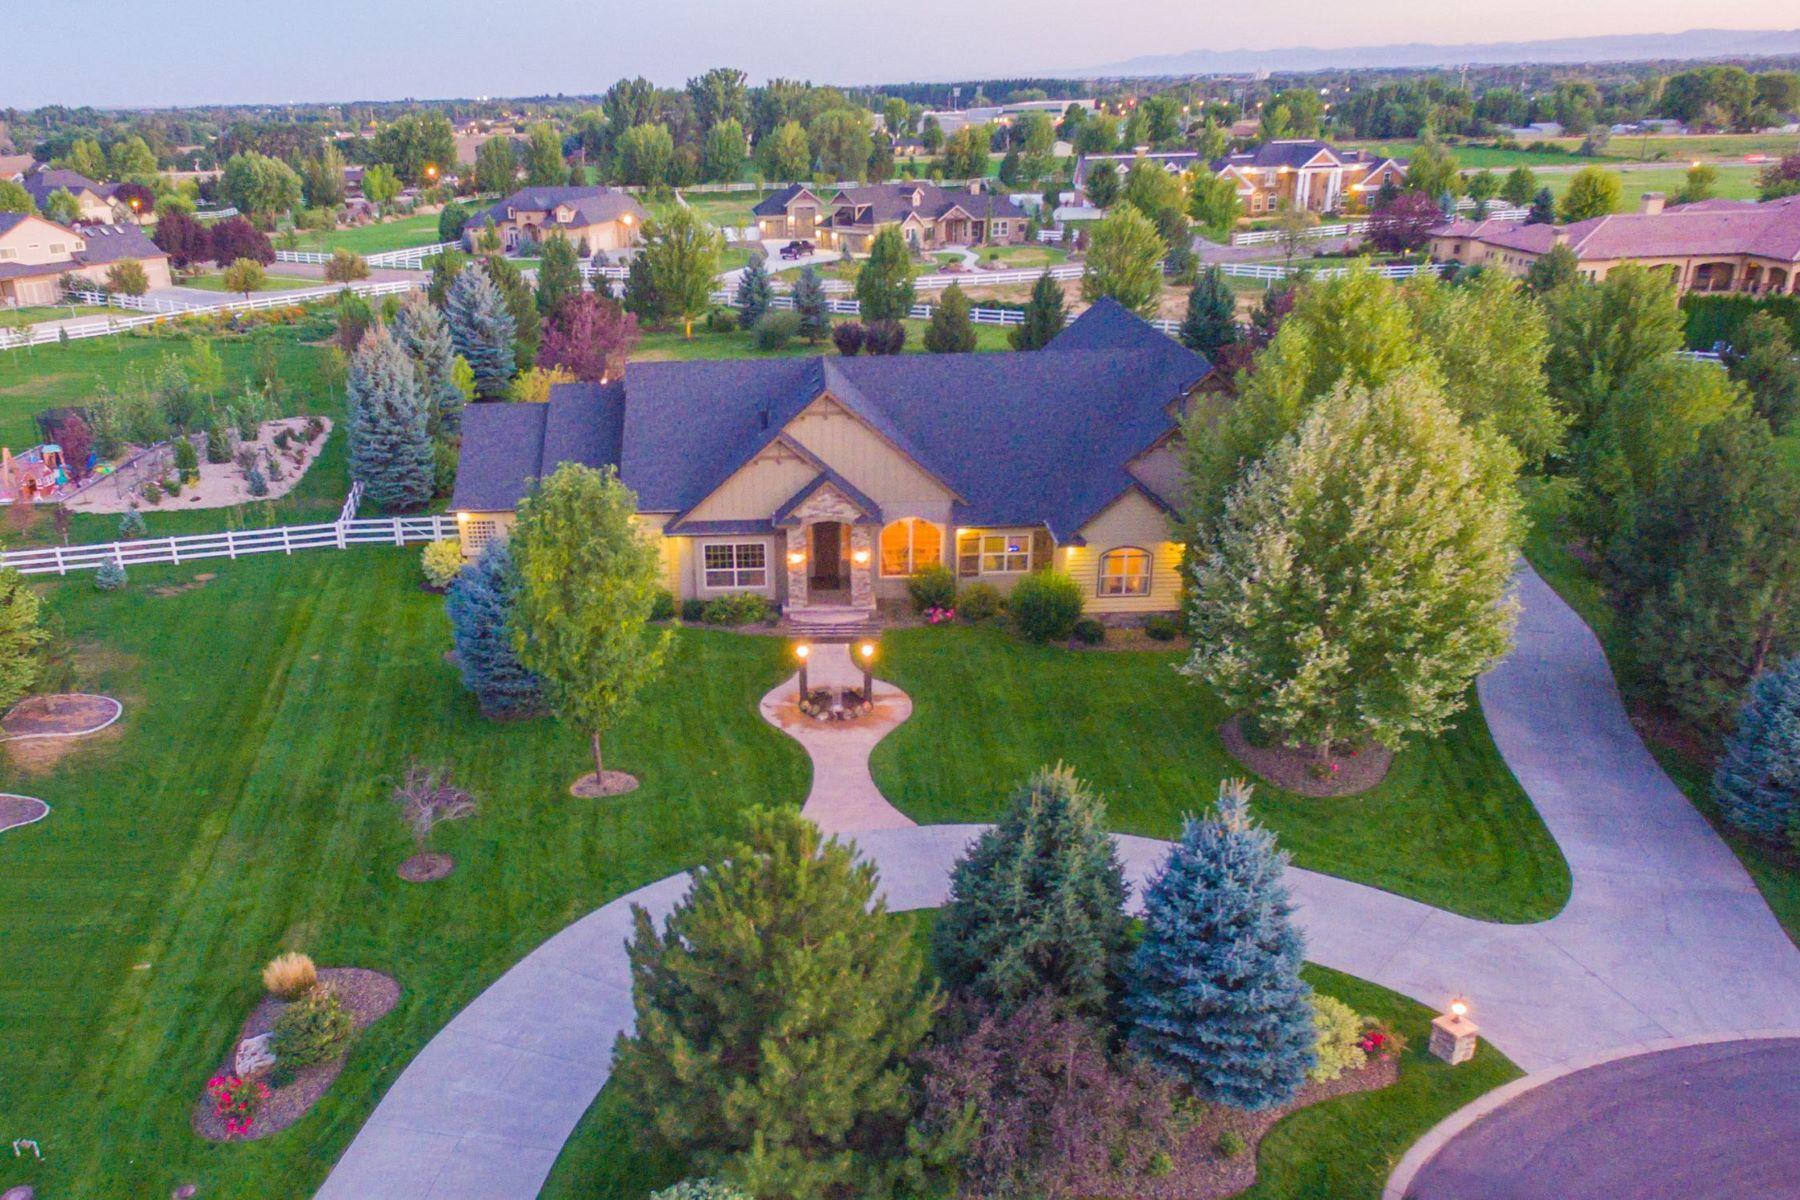 Maison unifamiliale pour l Vente à 3665 Fieno Court, Eagle 3665 W Fieno Ct Eagle, Idaho, 83616 États-Unis